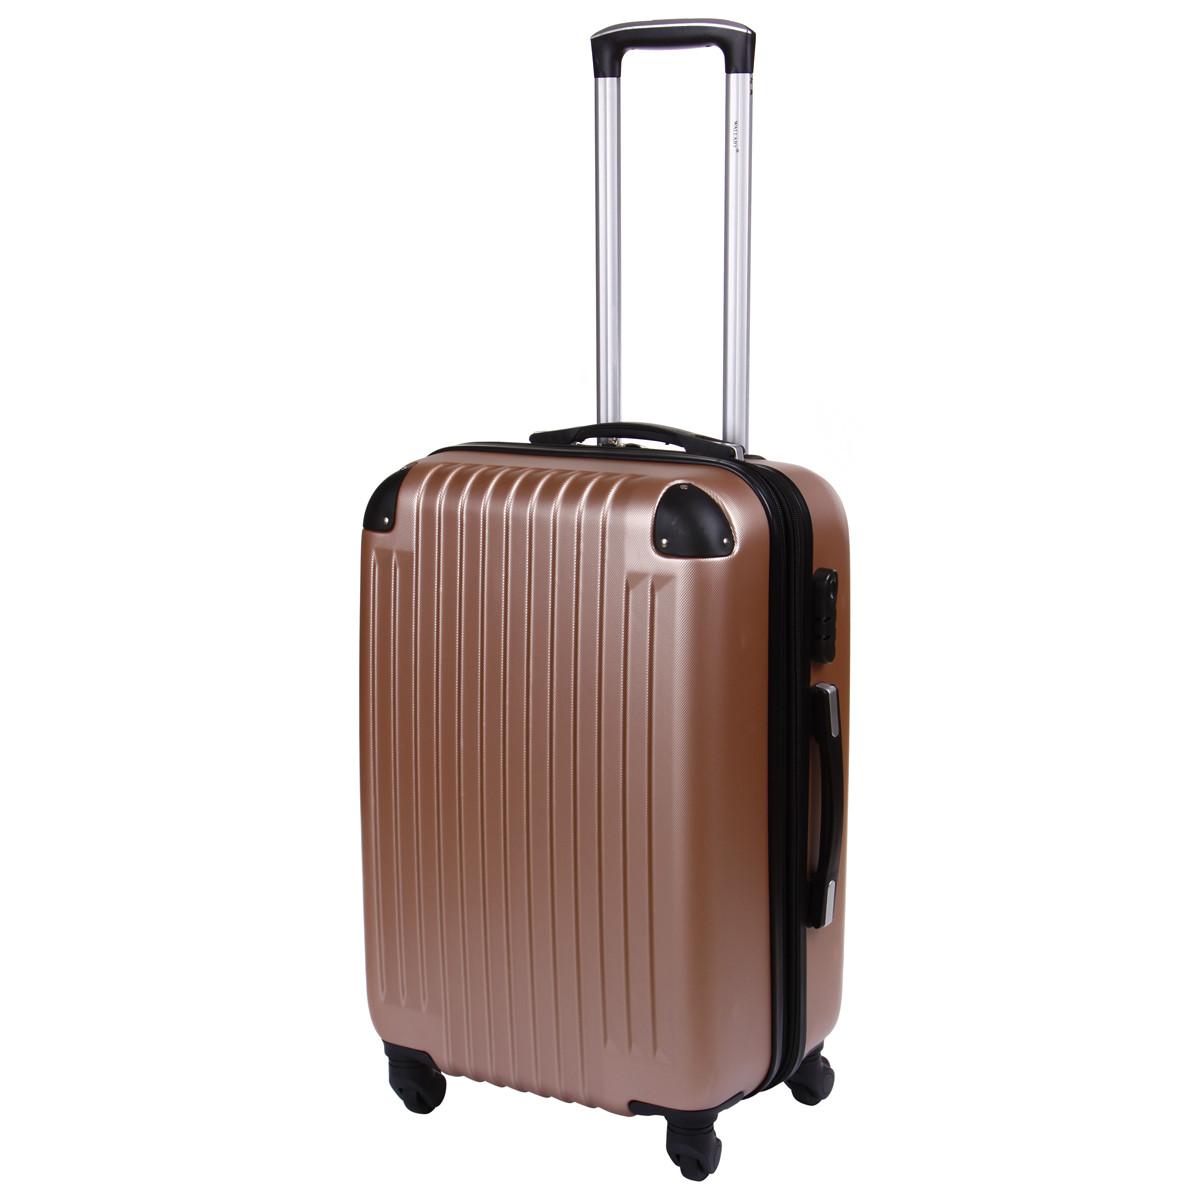 Чемодан Wallaby средний пластиковый  ABS  57(+6)х39х27(+3) розовый цвет  в 6265-22роз